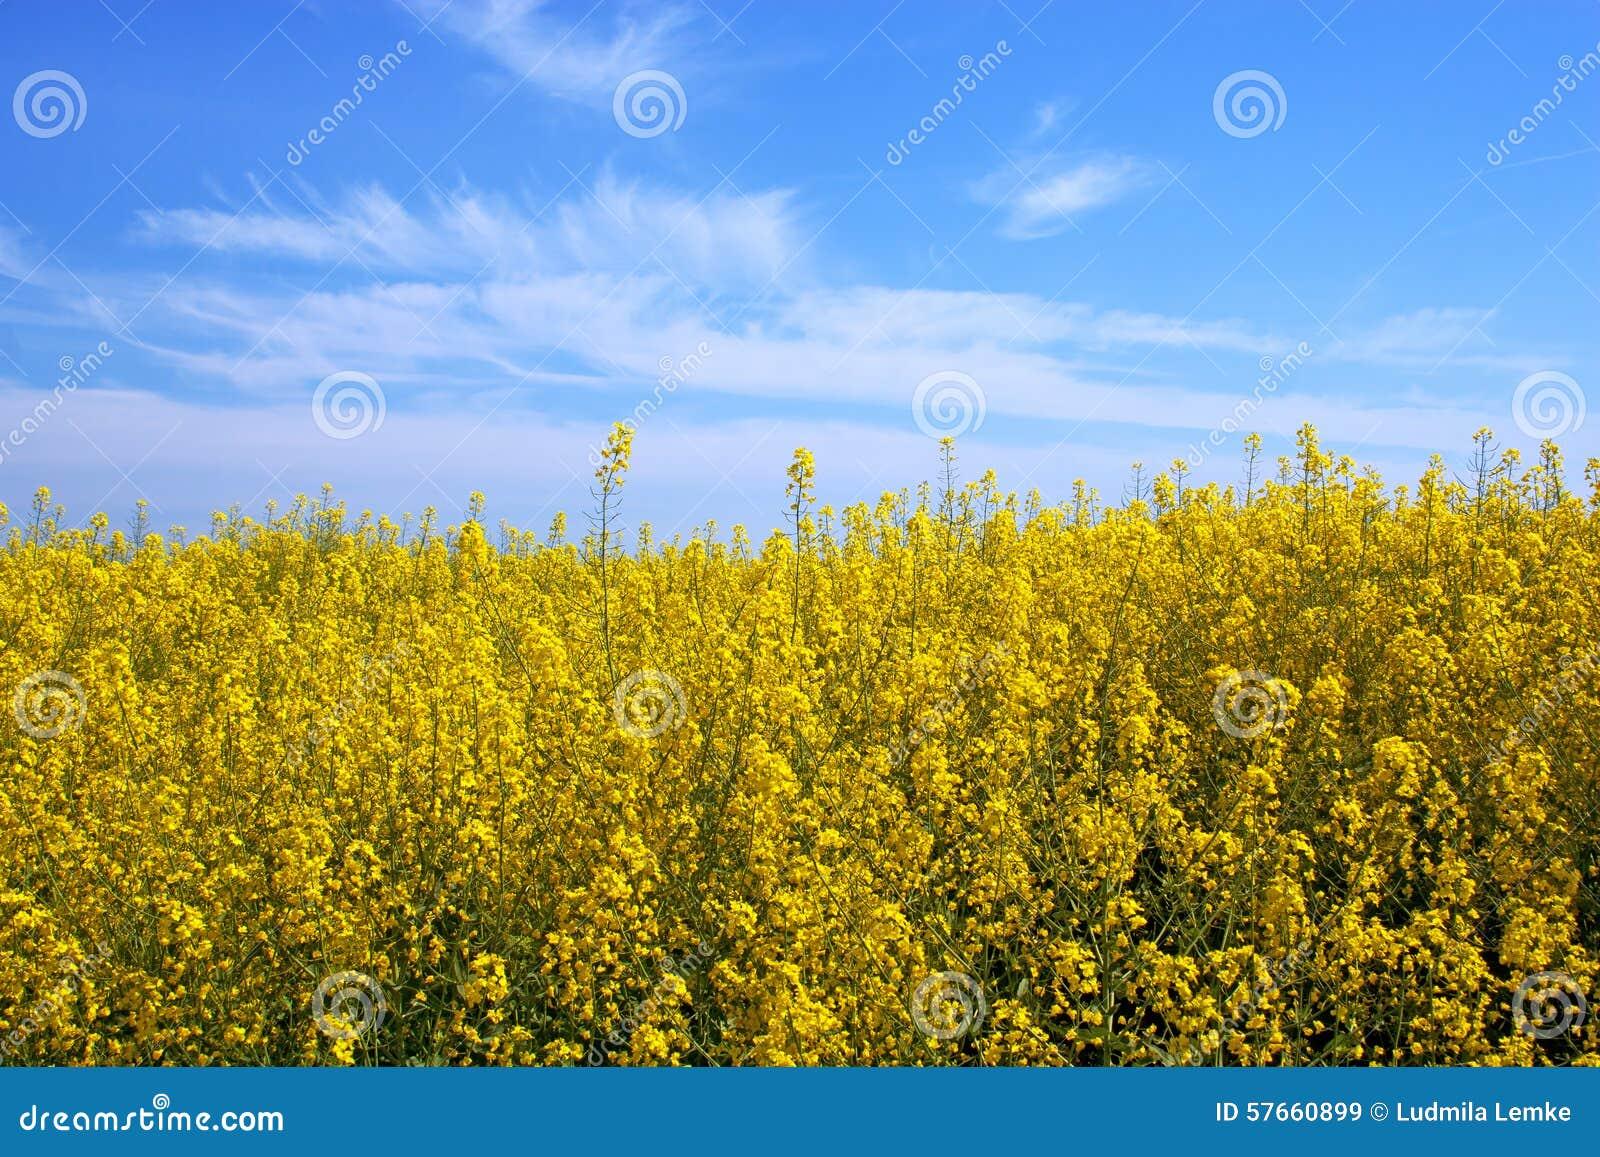 Den gula rapsfröt blommar på fält